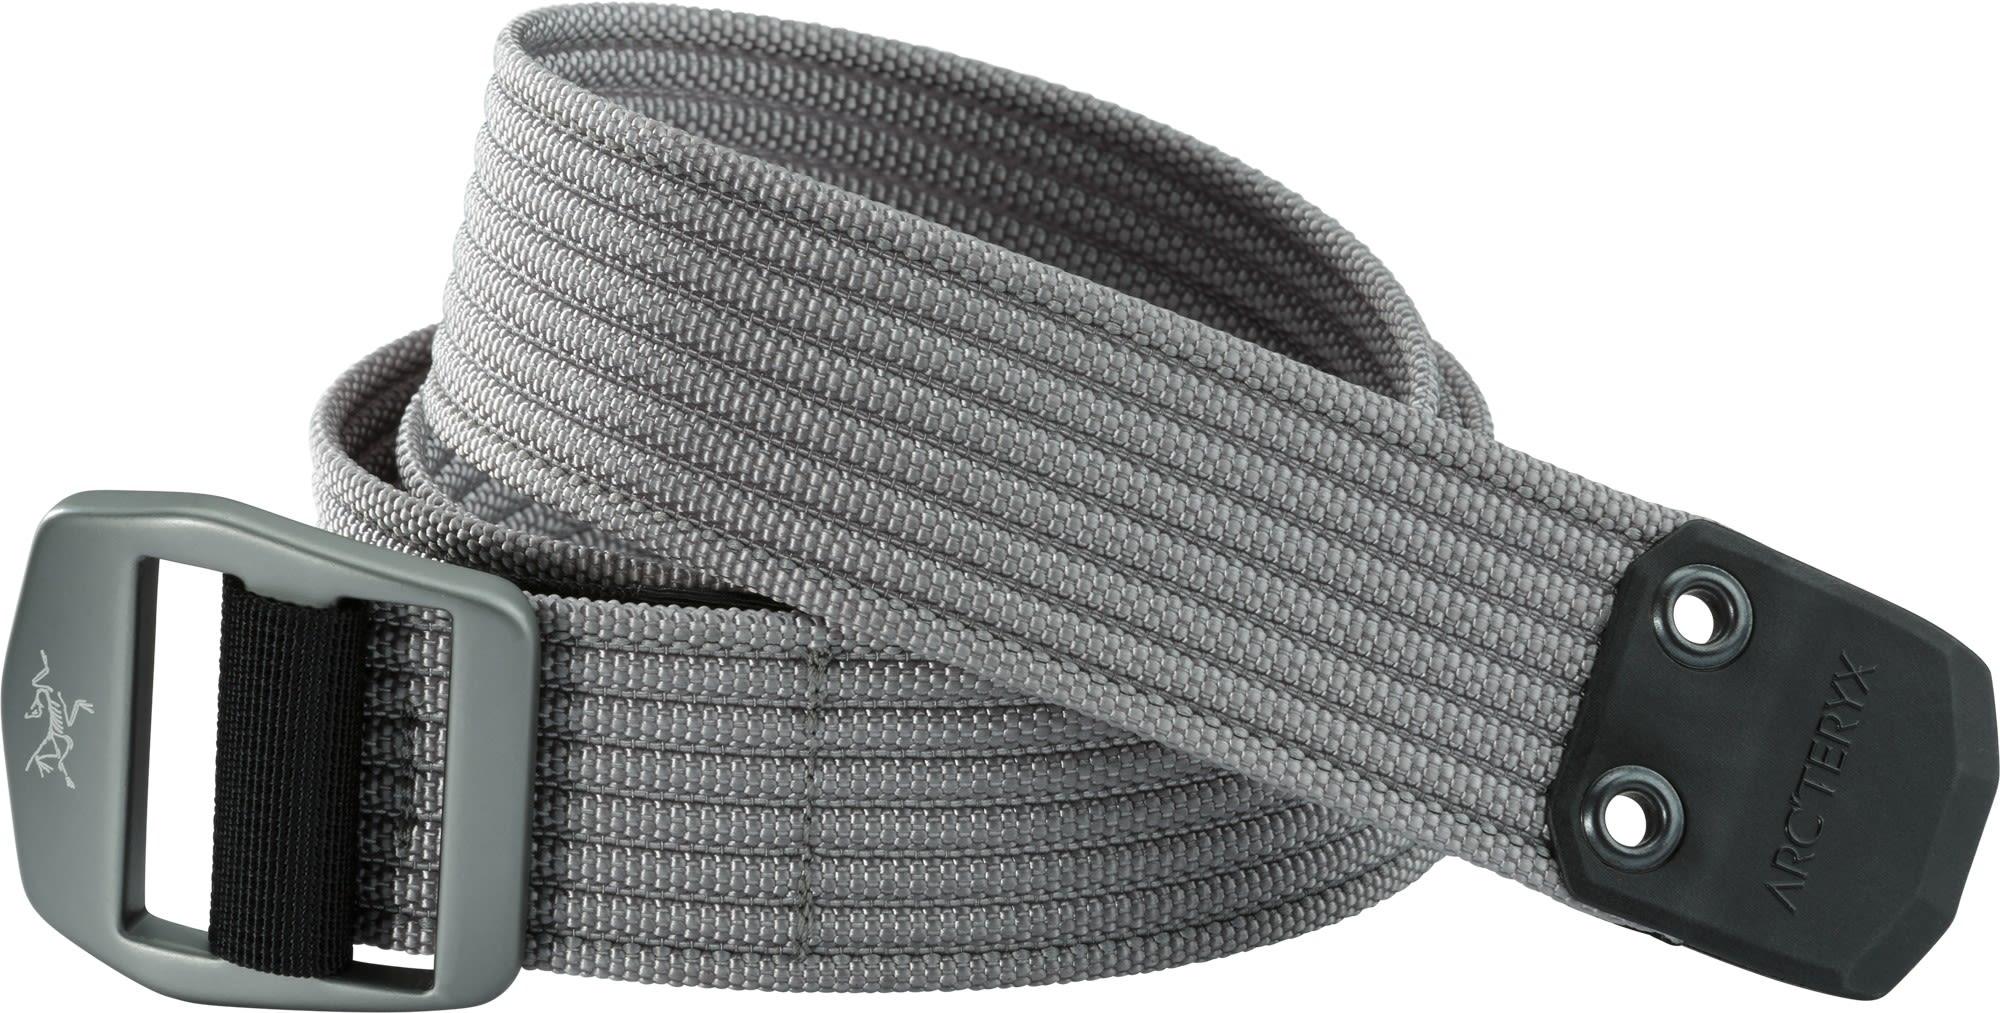 Arcteryx Conveyor Belt | Größe S,M,L |  Gürtel